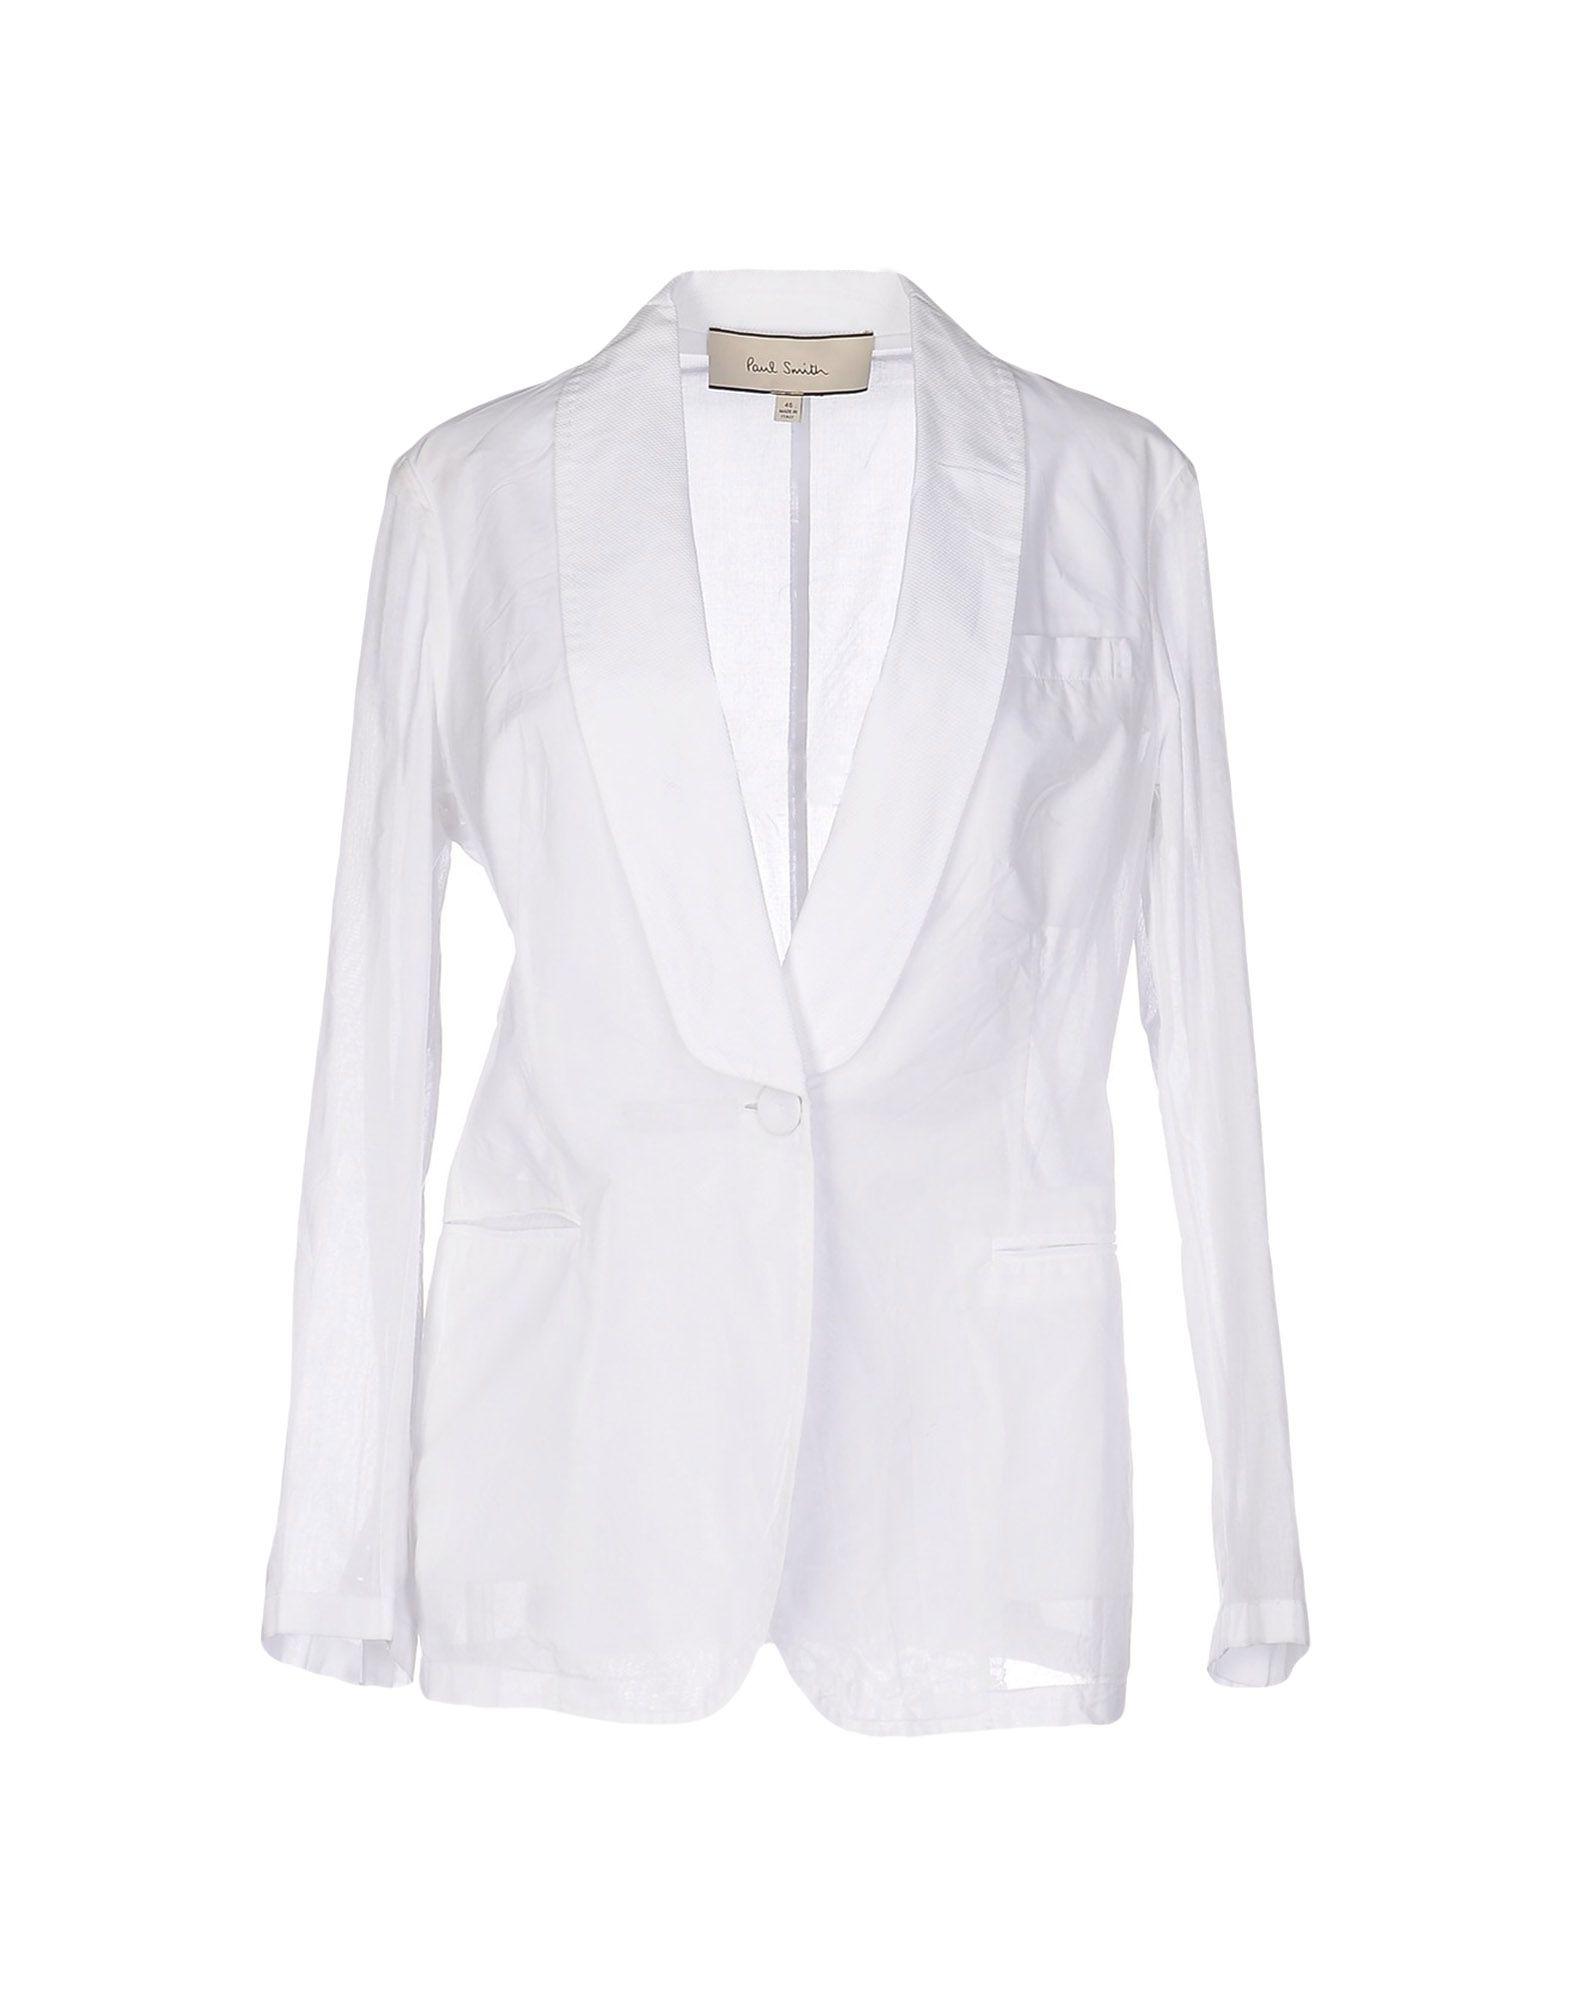 PAUL SMITH Damen Jackett Farbe Weiß Größe 6 - broschei